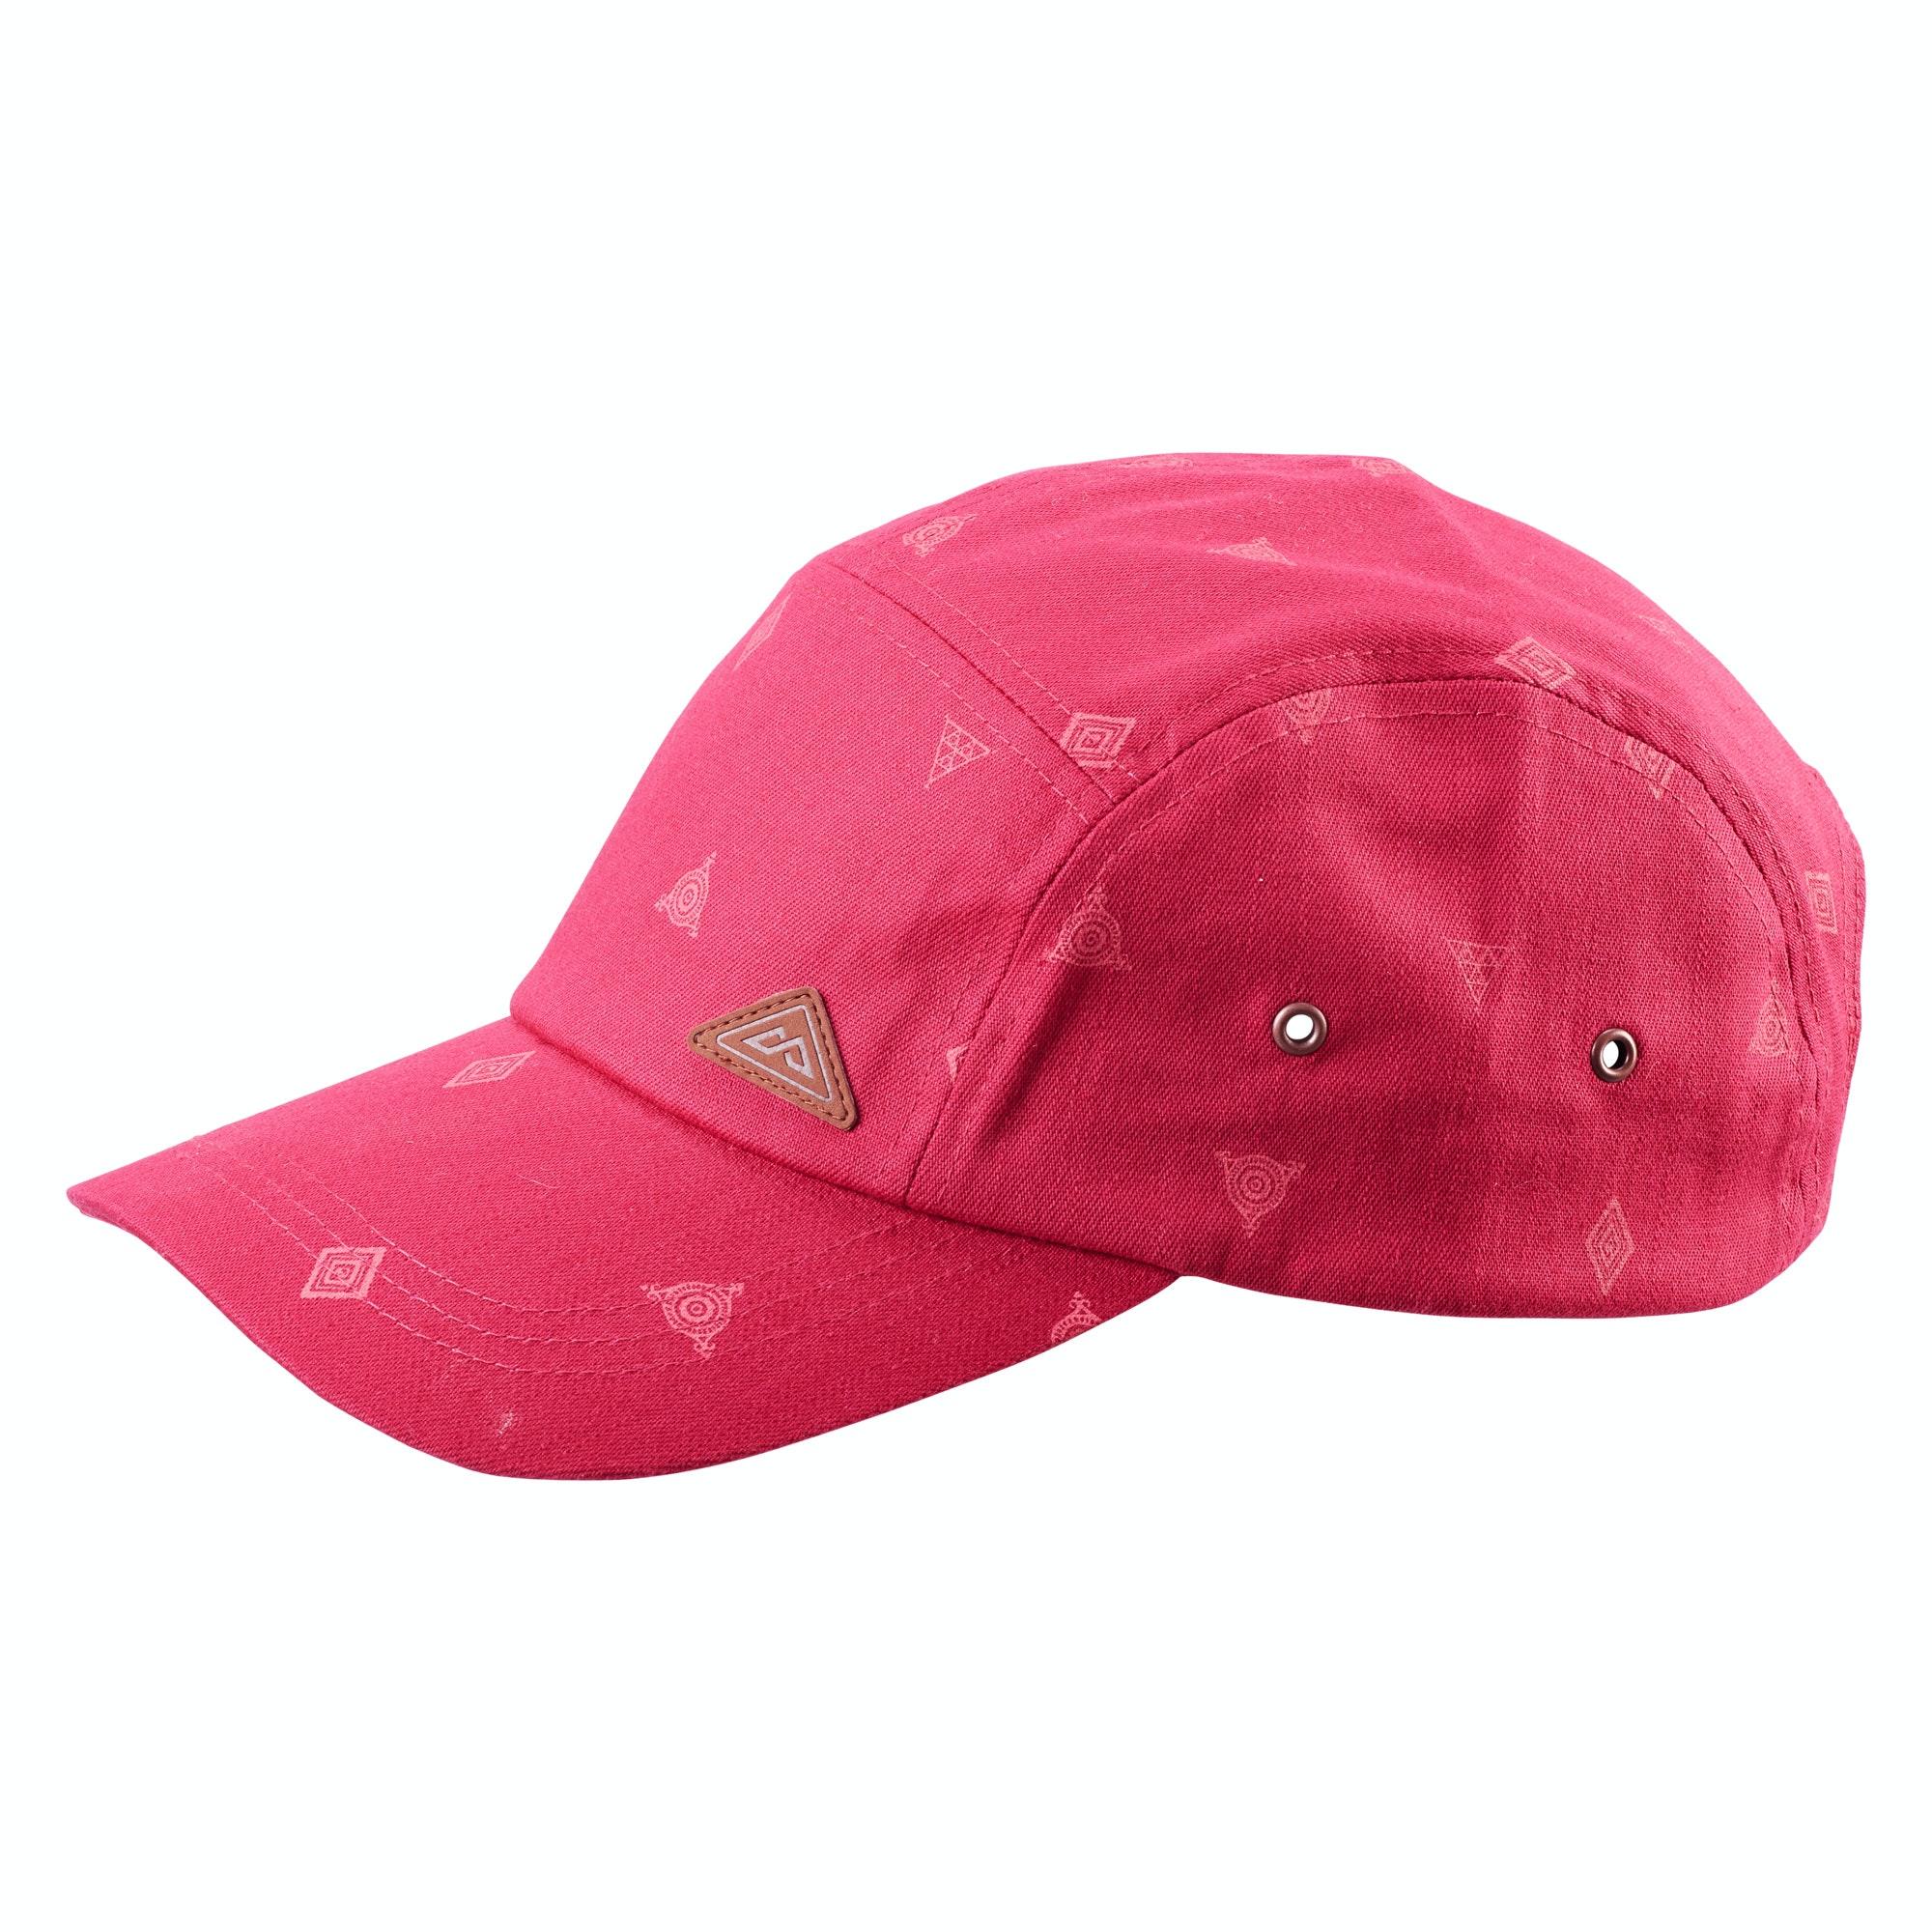 kathmandu heathcote womens hat adjustable regular fit 5